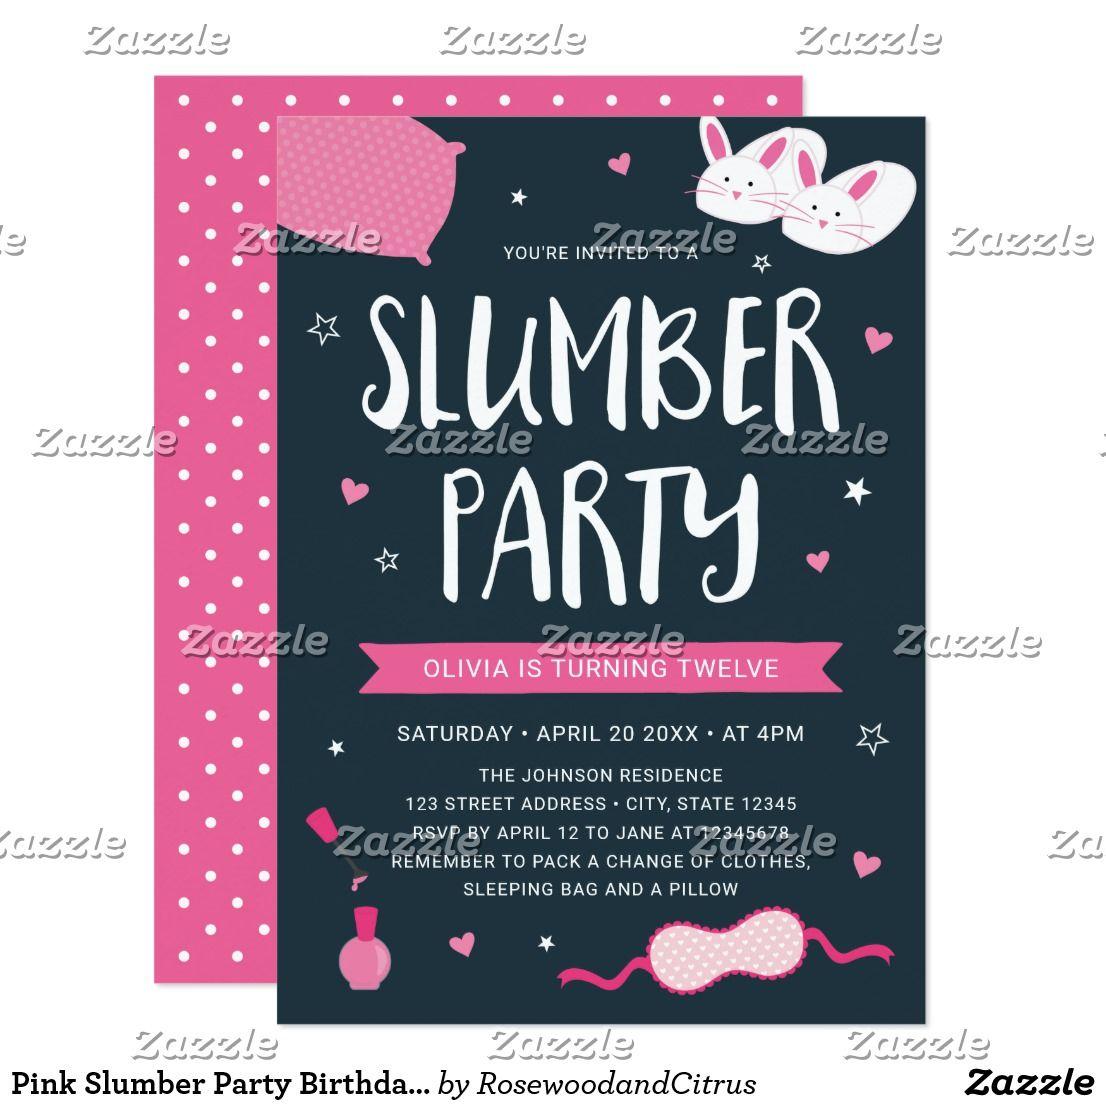 Pink Slumber Party Birthday Invitation | Slumber party birthday ...